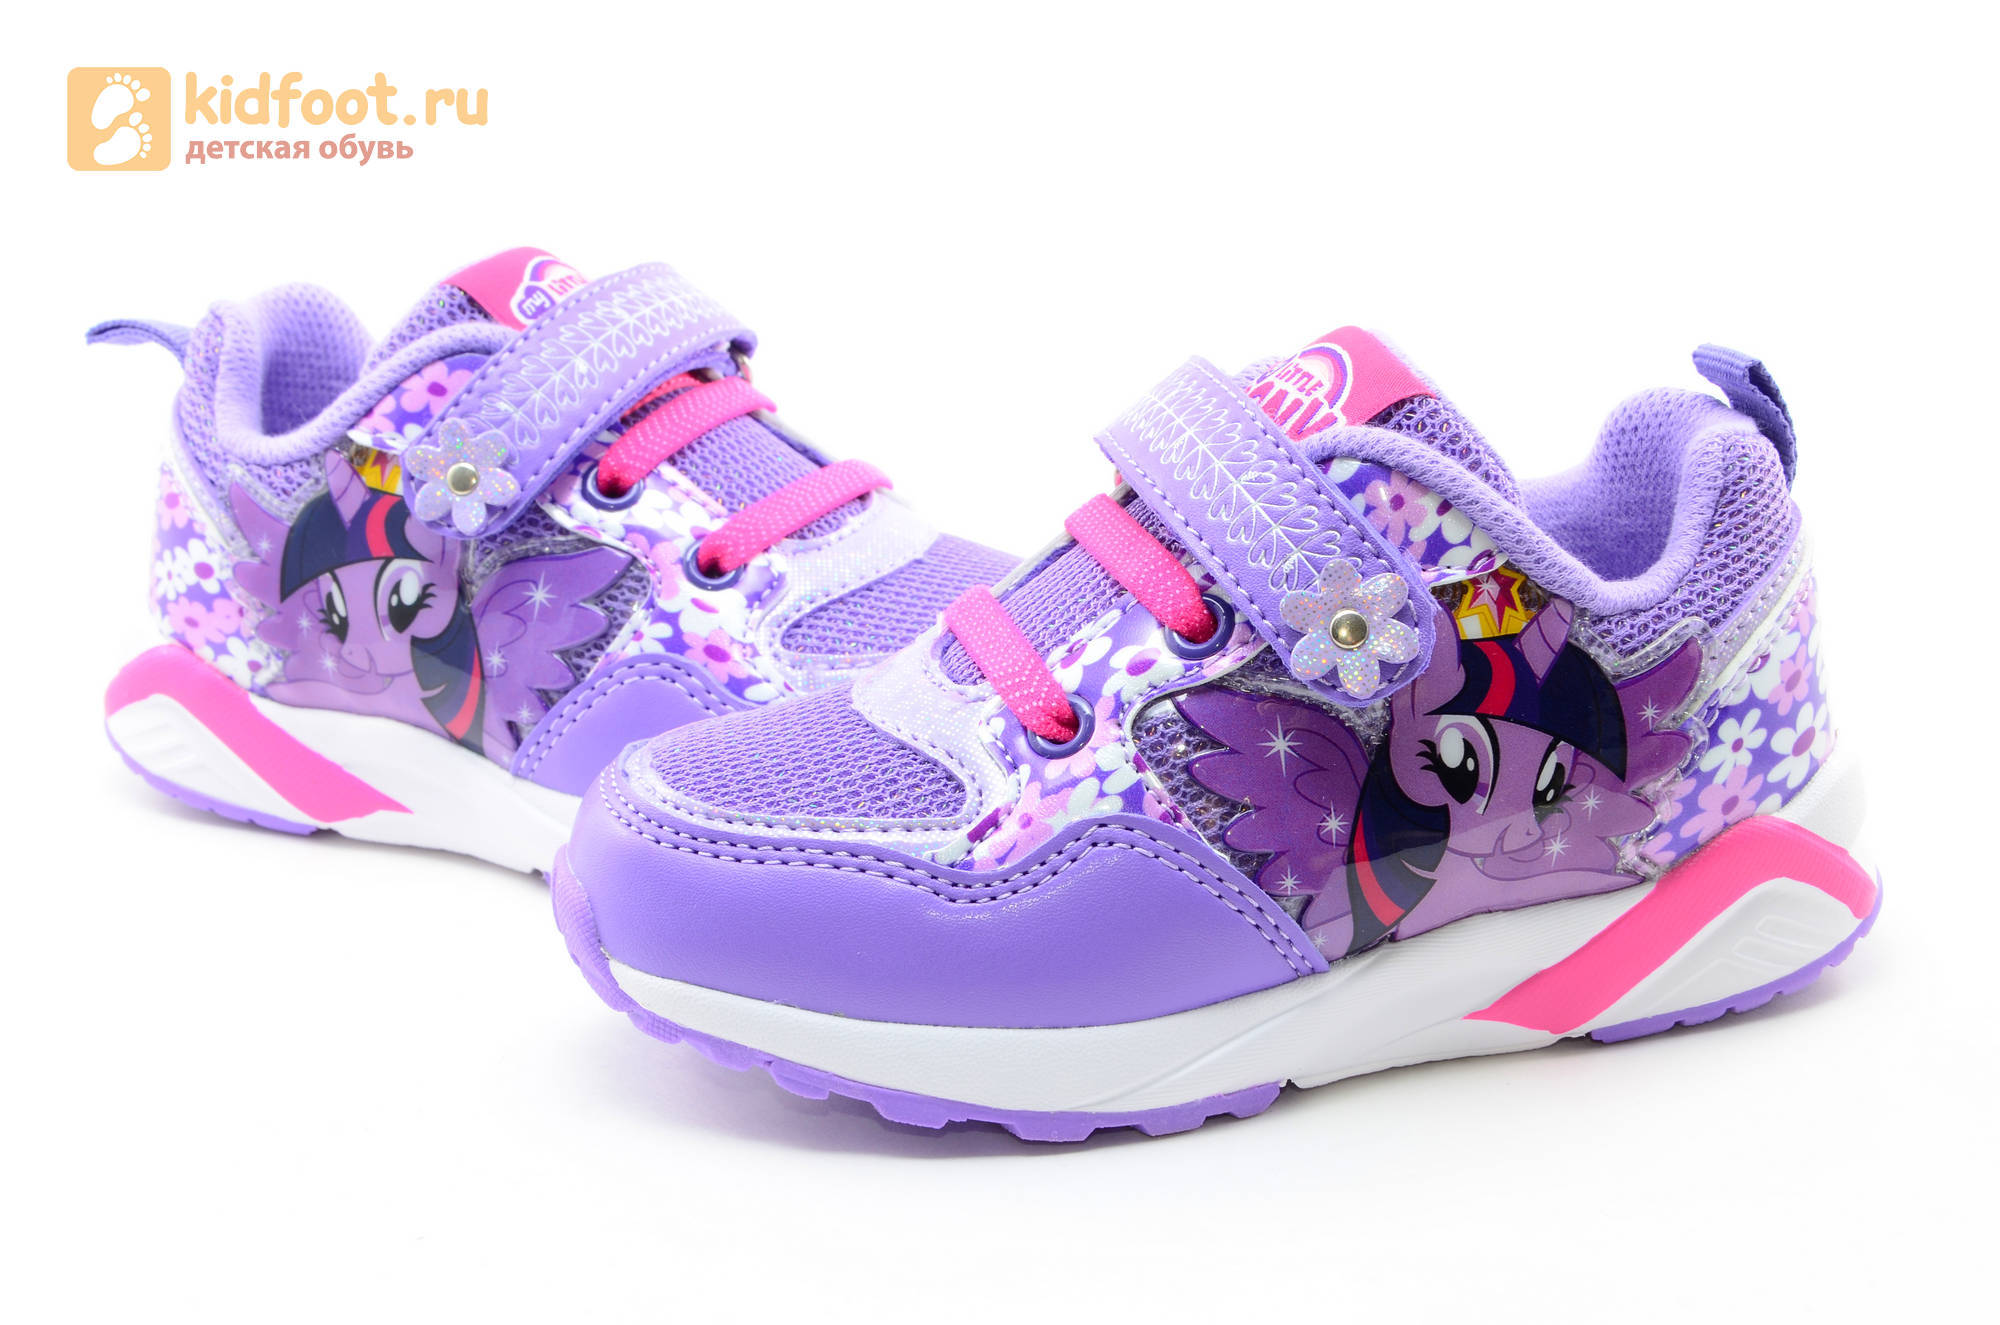 Светящиеся кроссовки для девочек Пони (My Little Pony) на липучках, цвет сиреневый, мигает картинка сбоку, 5868A